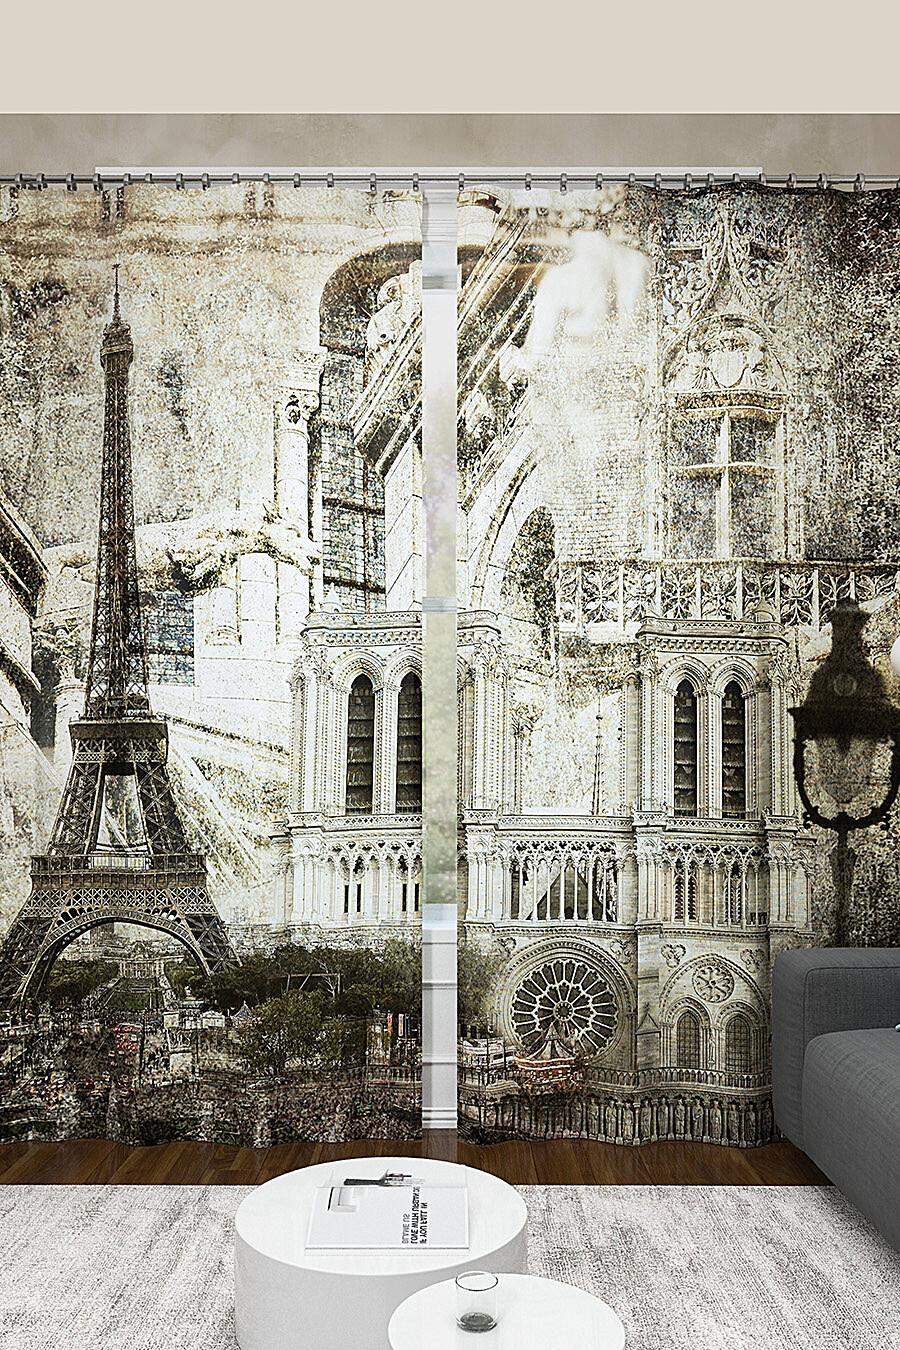 Фотошторы для дома ART HOME TEXTILE 124194 купить оптом от производителя. Совместная покупка товаров для дома в OptMoyo